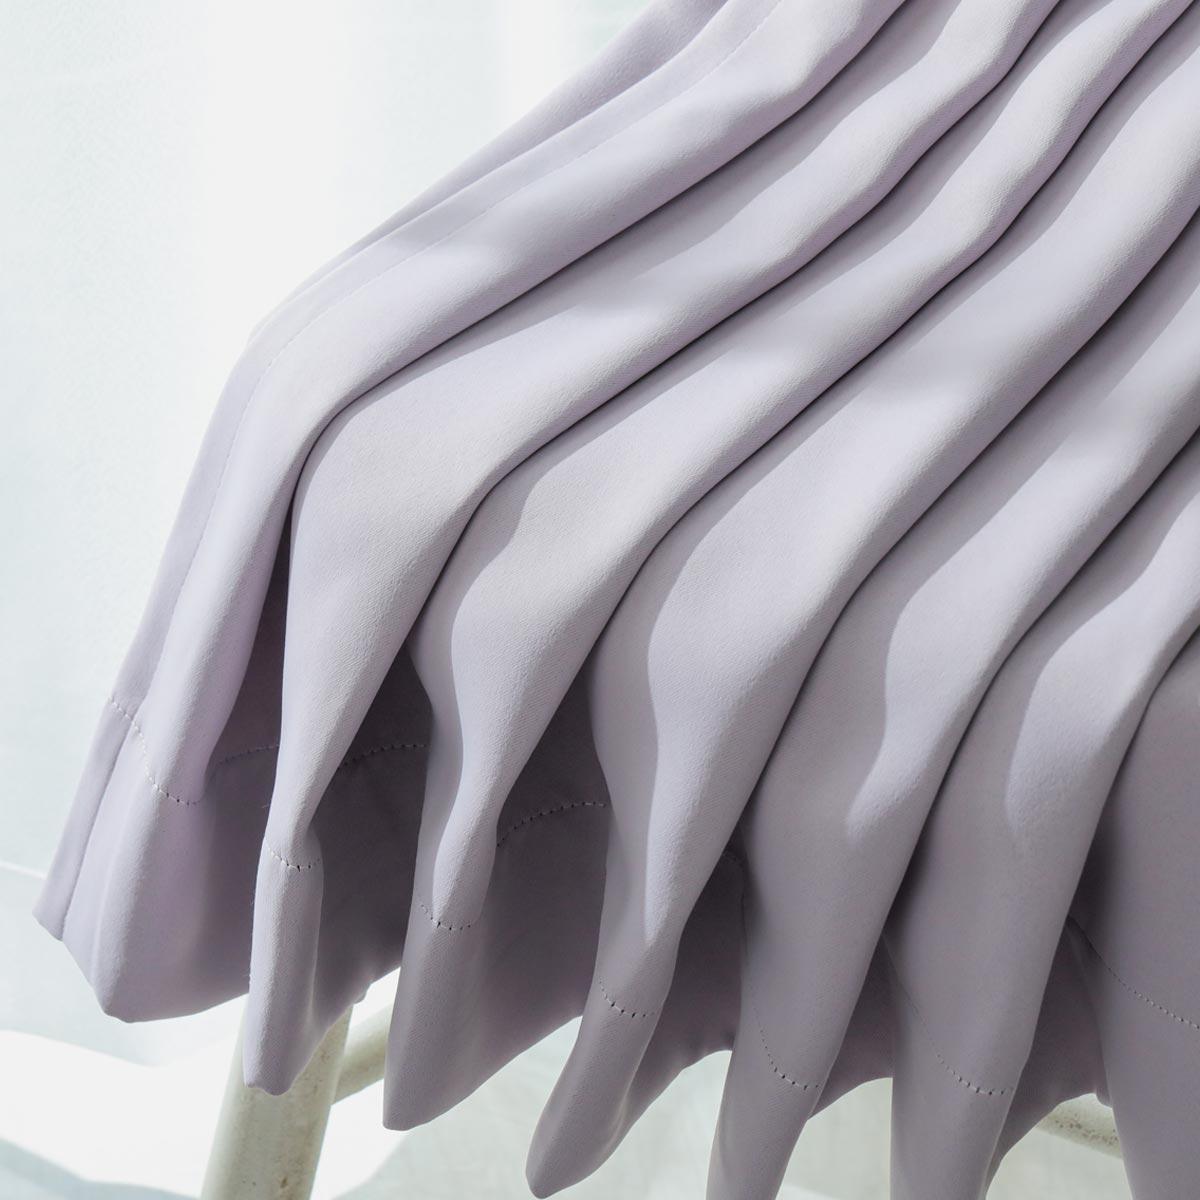 ドレープカーテン『遮光カーテン パレット』説明画像3